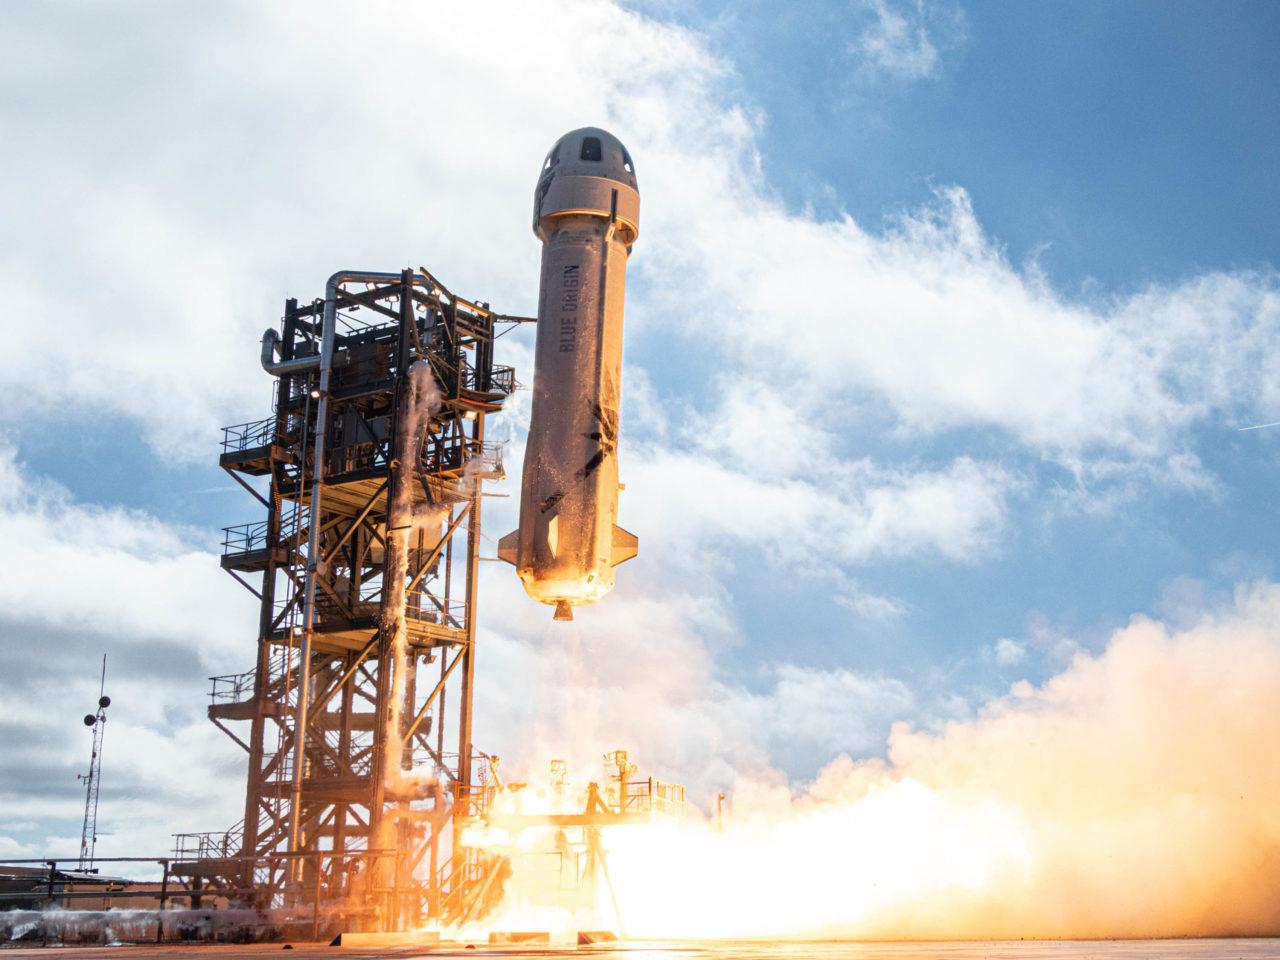 El 'capitán Kirk' viaja al espacio (de verdad) de la mano de Bezos